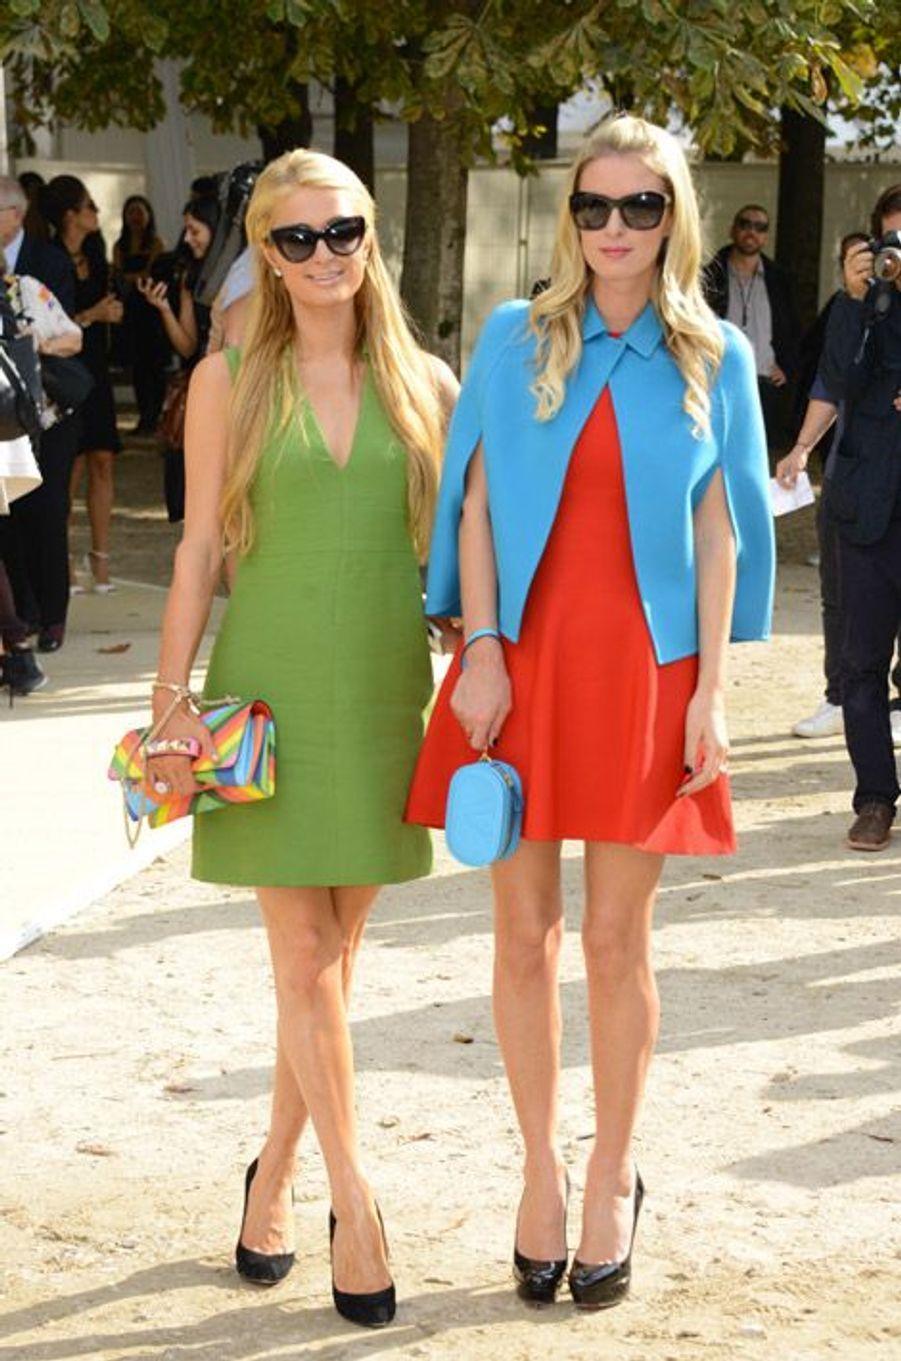 Les héritières Paris et Nicky Hilton au défilé Valentino à Paris, le 30 septembre 2014